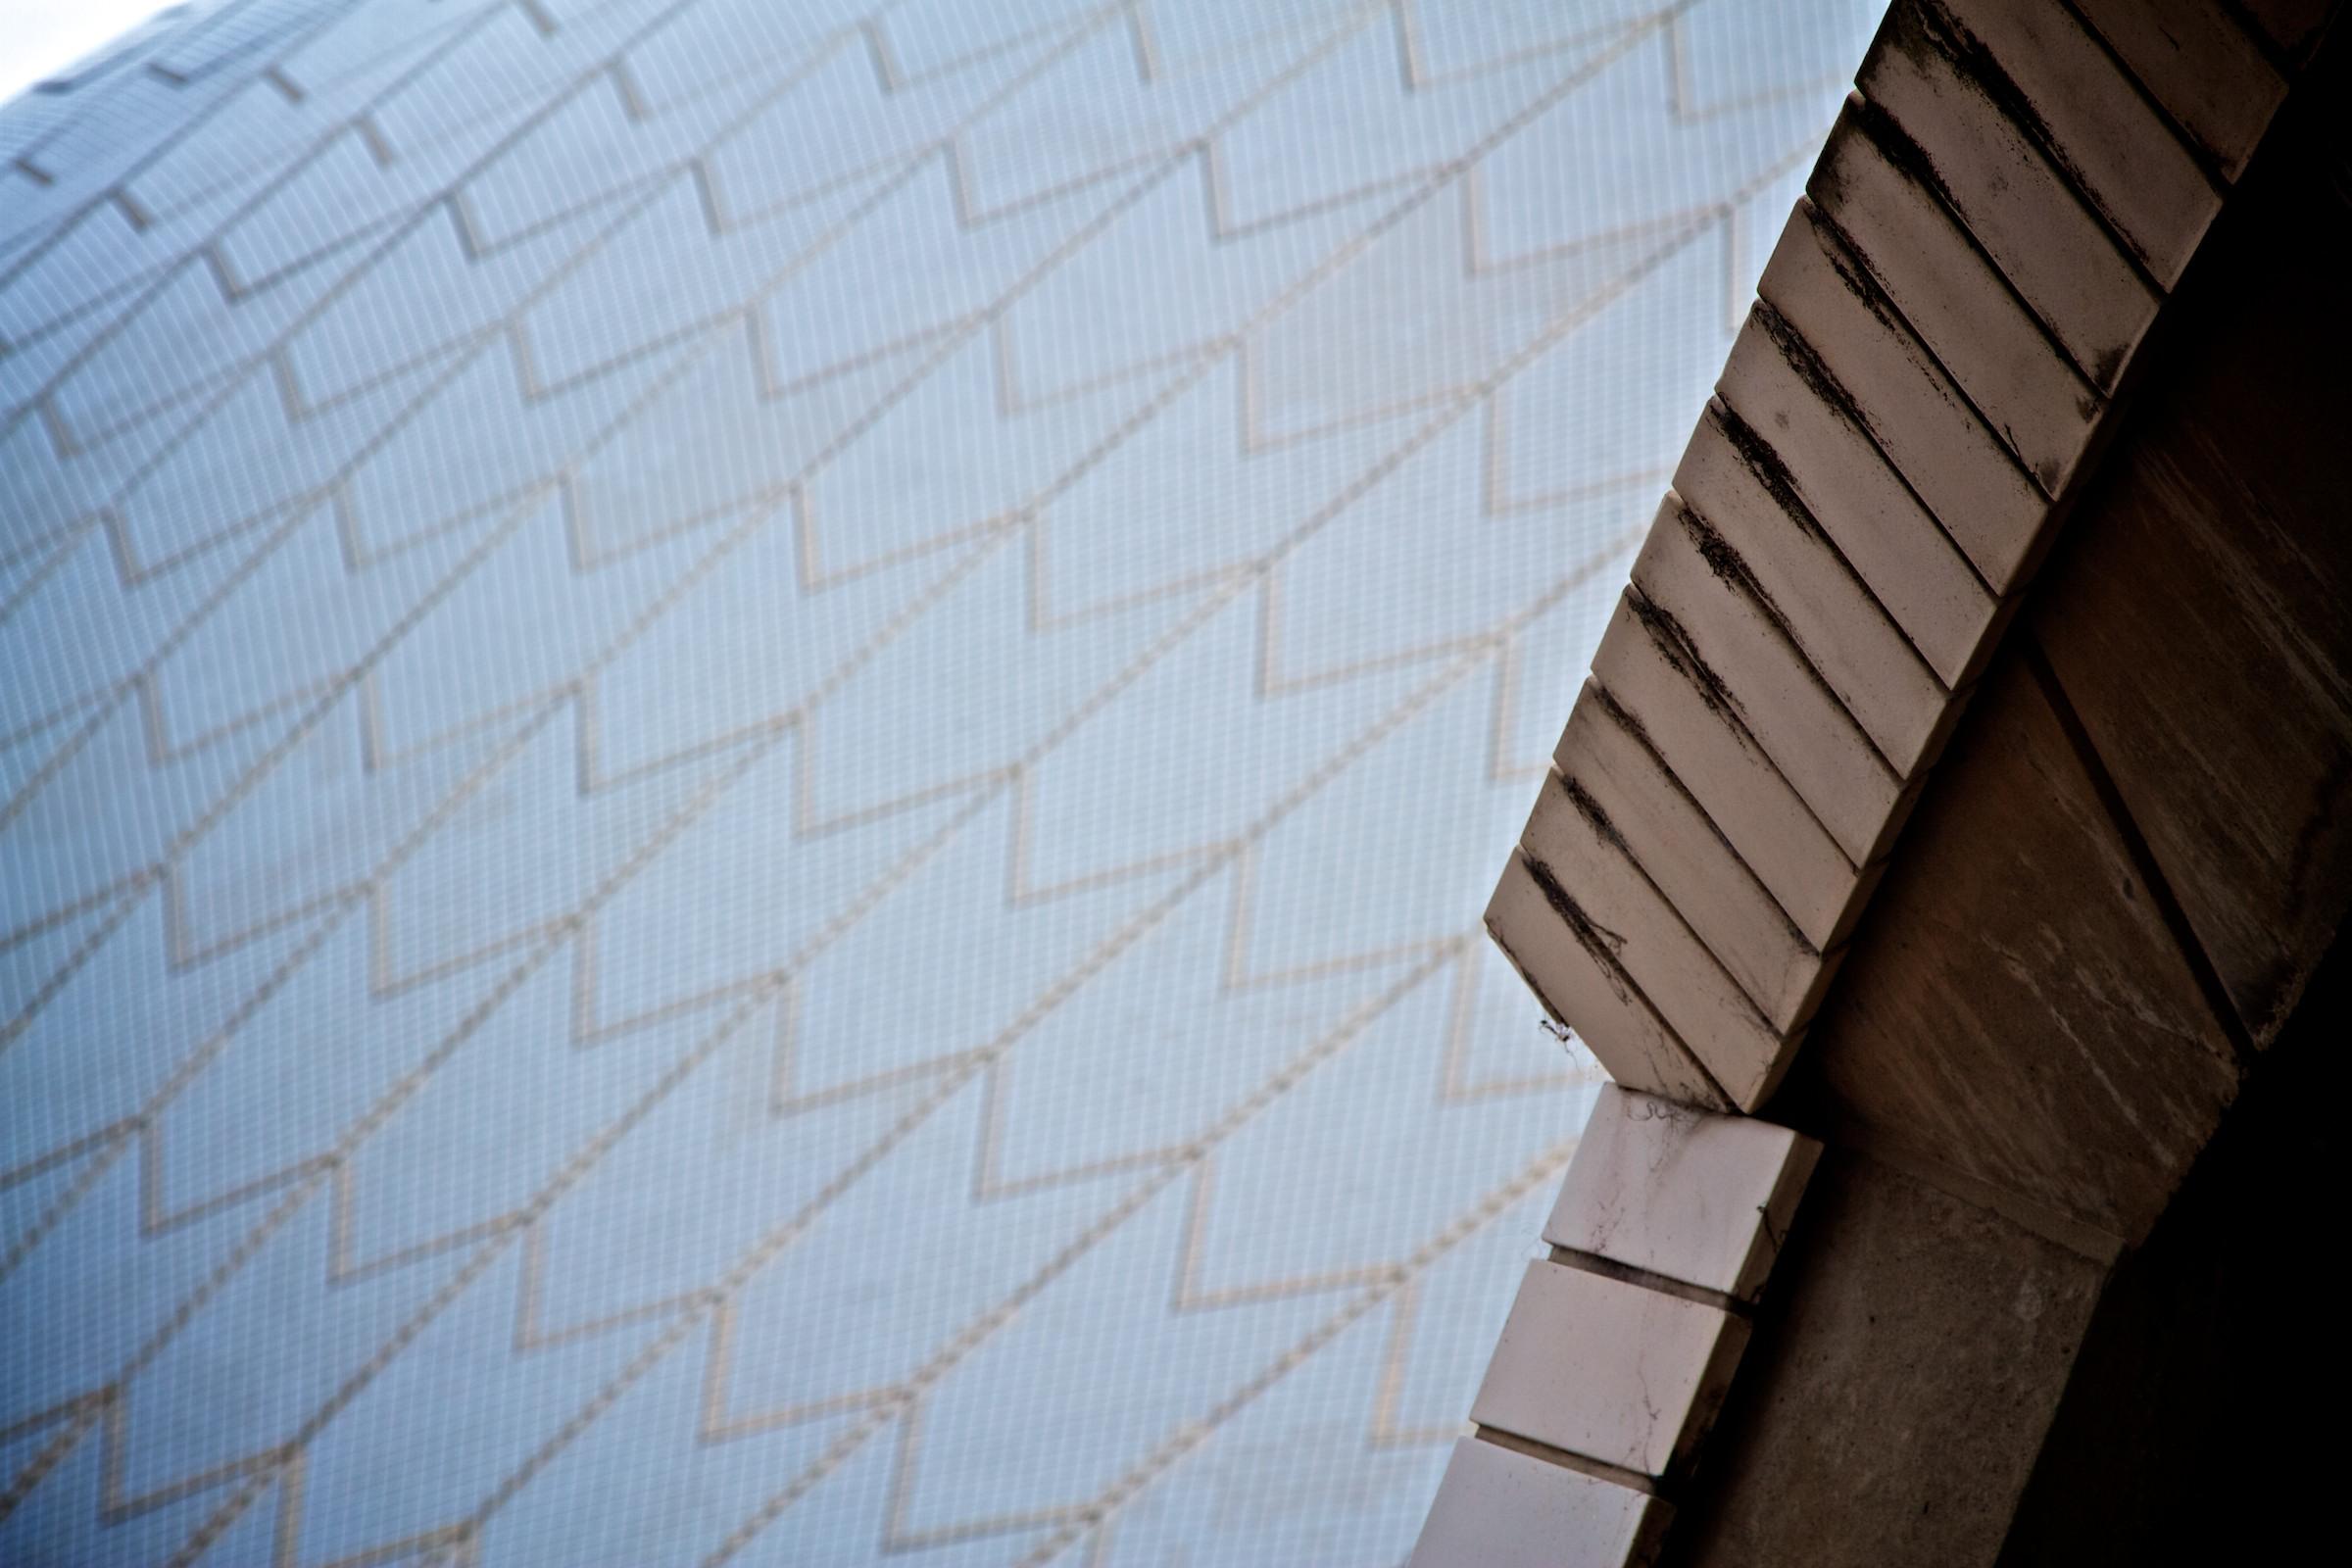 Sydney Opera House Tiles Shithotshot